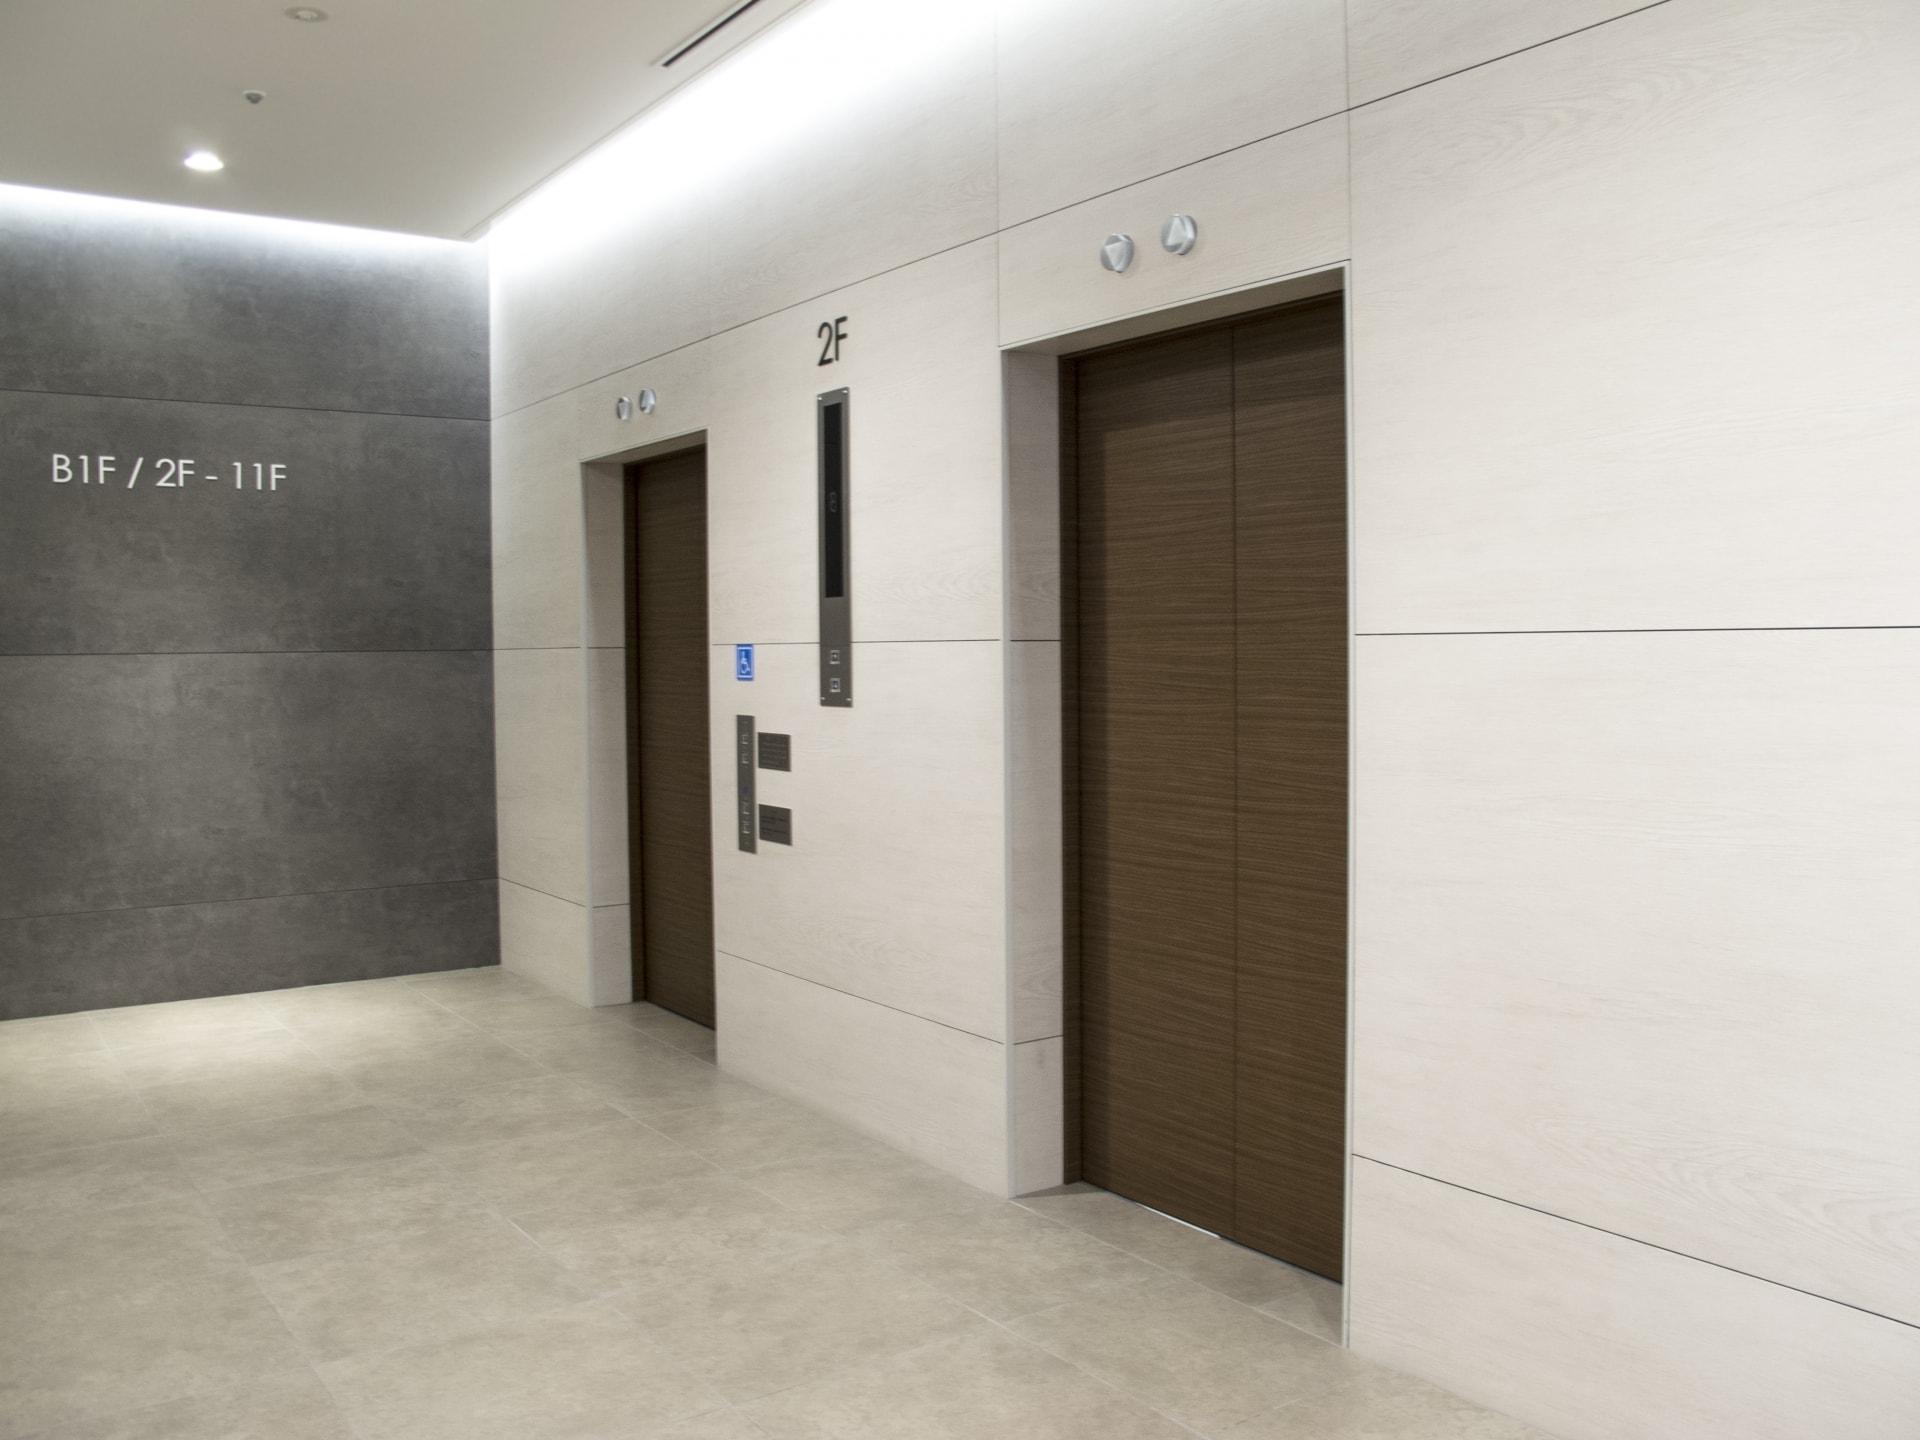 災害時、エレベーターに閉じ込められてしまったら?